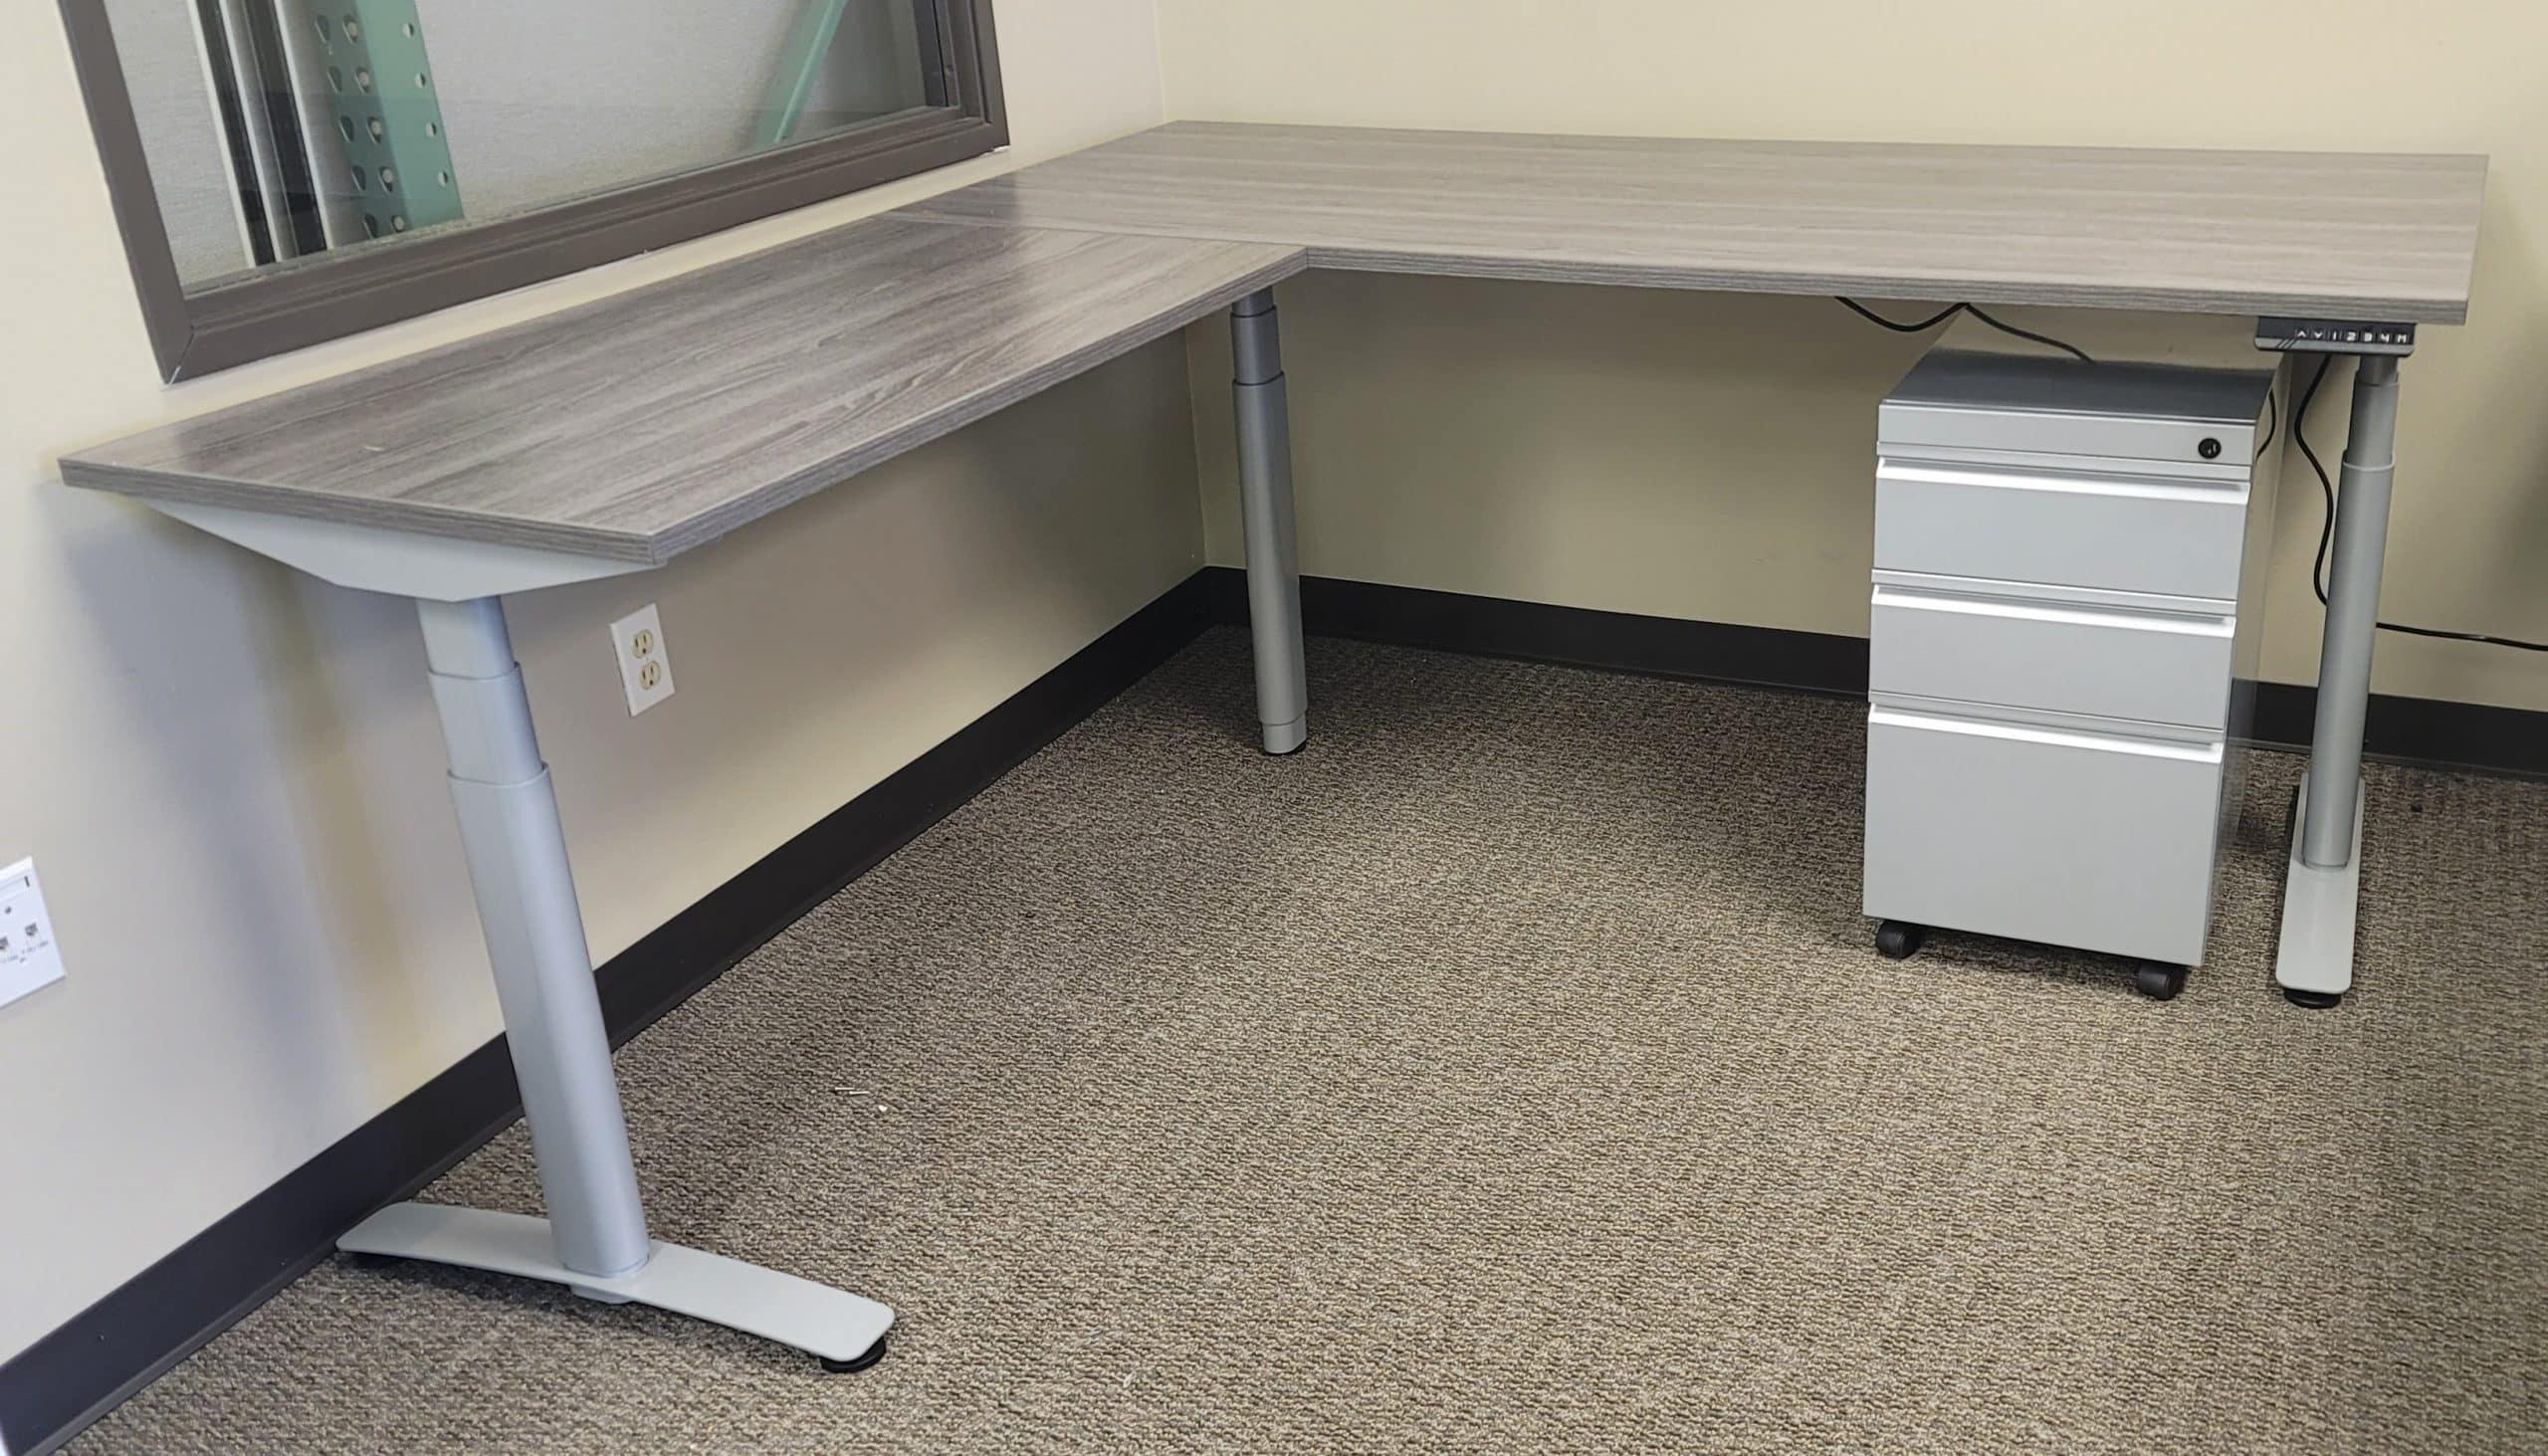 Used SitStand Silver Finish L Shape Adjustable Desks